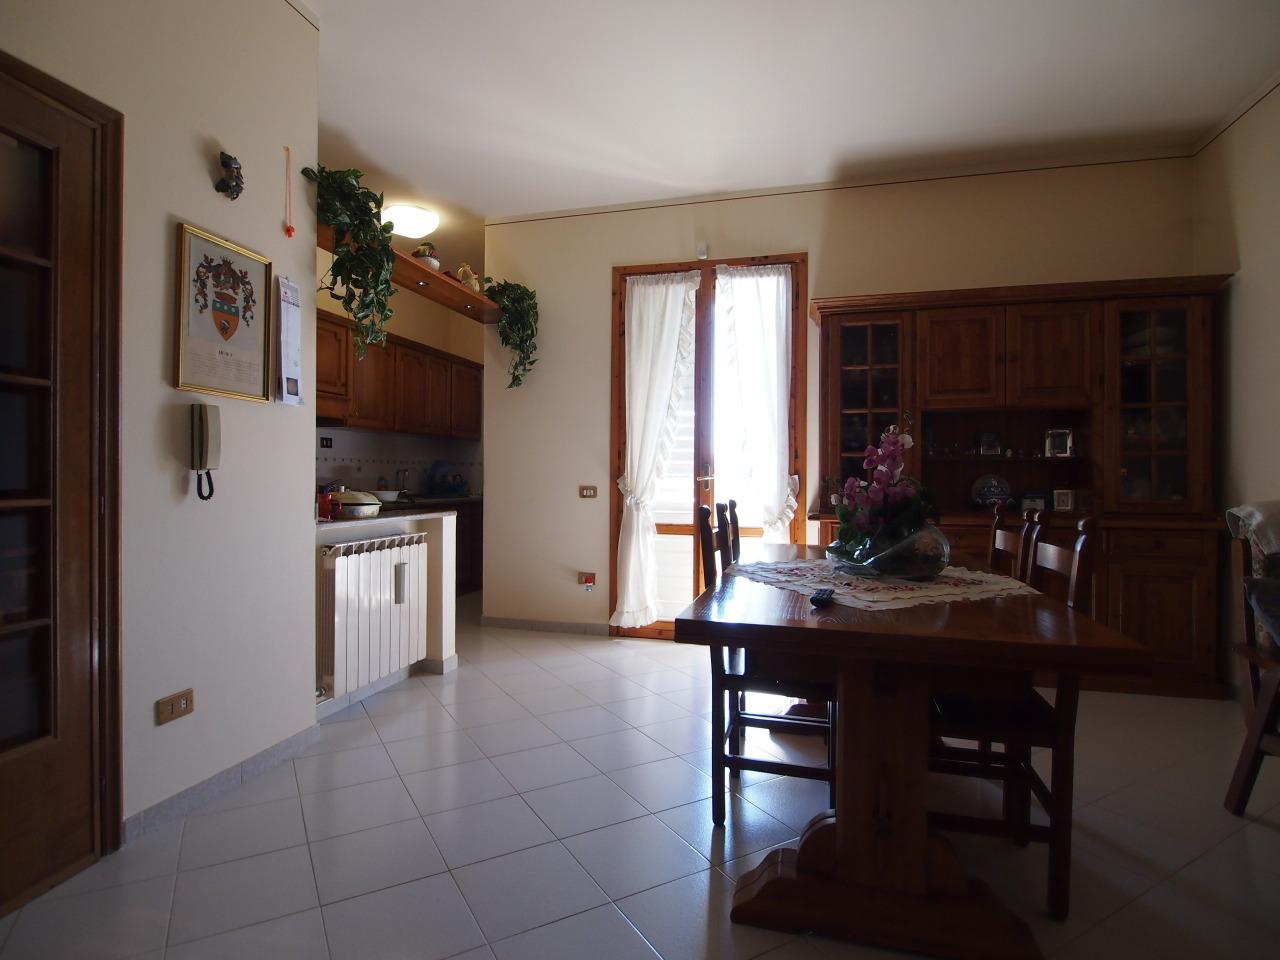 Villa in vendita RIF. 446, San Miniato (PI)